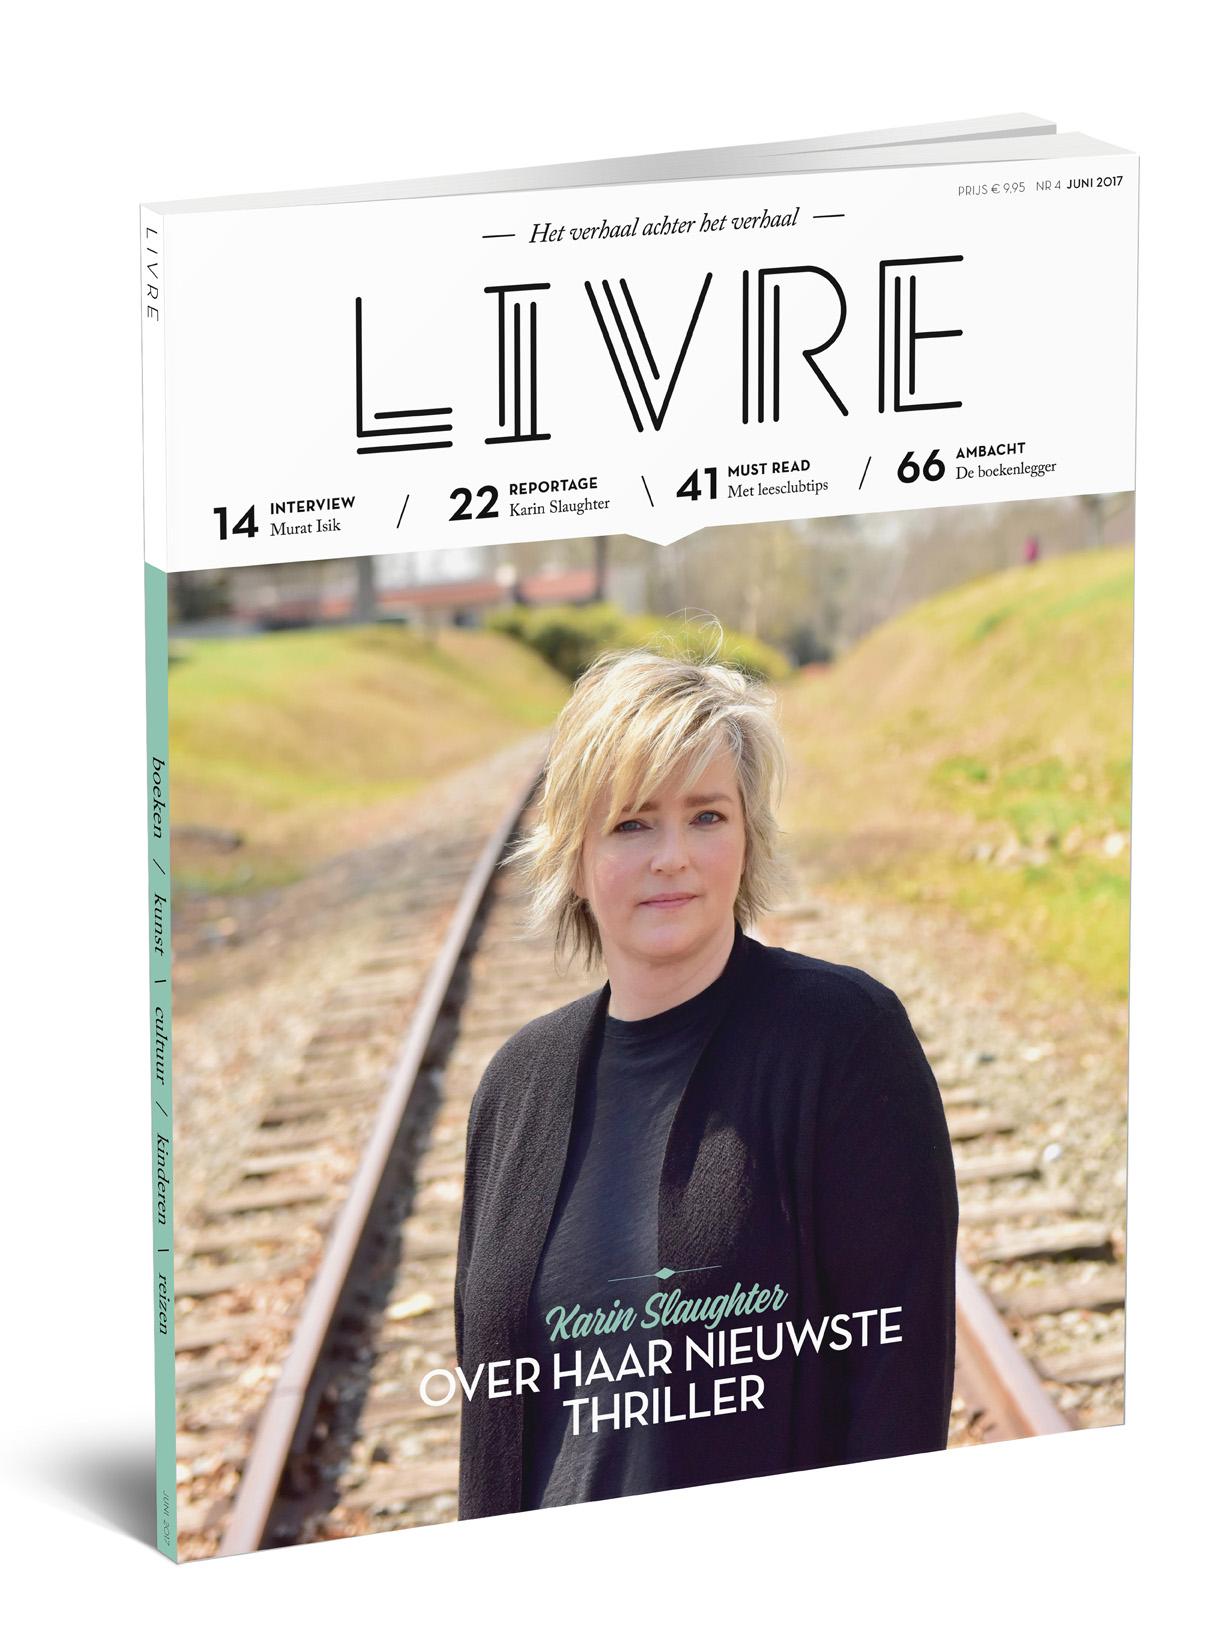 Lancering van een nieuw boekentijdschrift: Livre Magazine